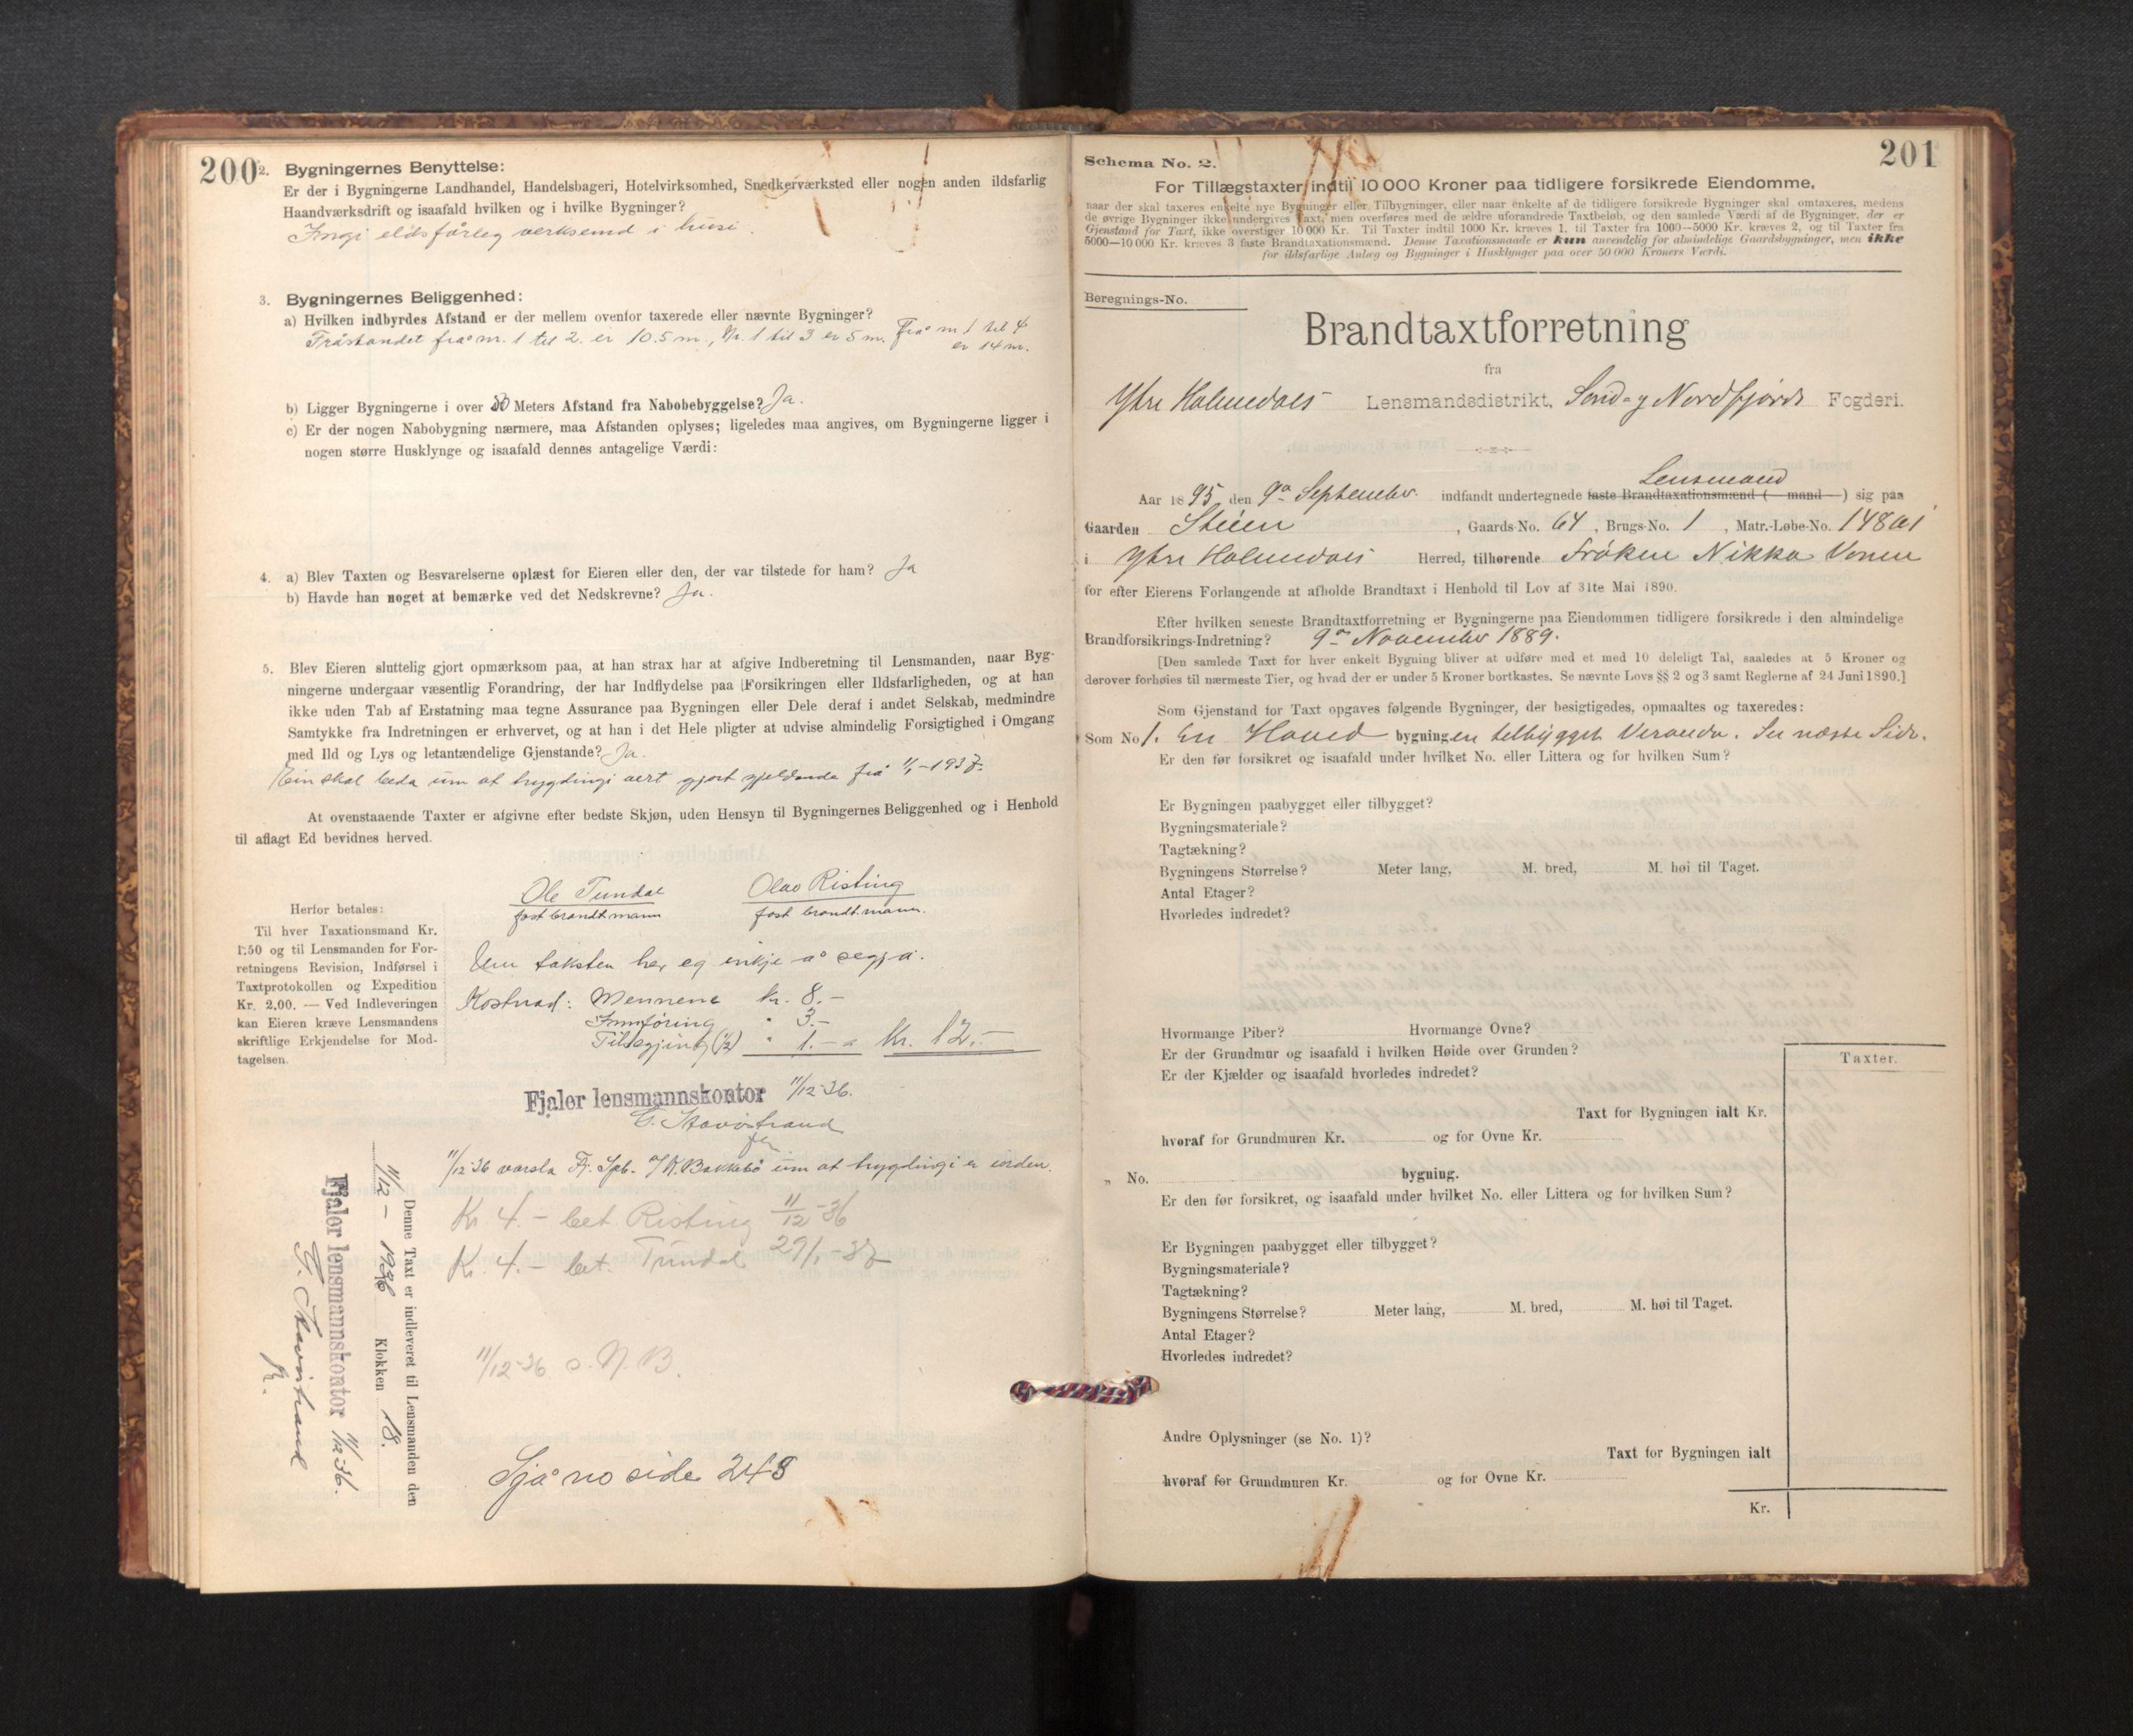 SAB, Lensmannen i Fjaler, 0012, 1895-1937, s. 200-201